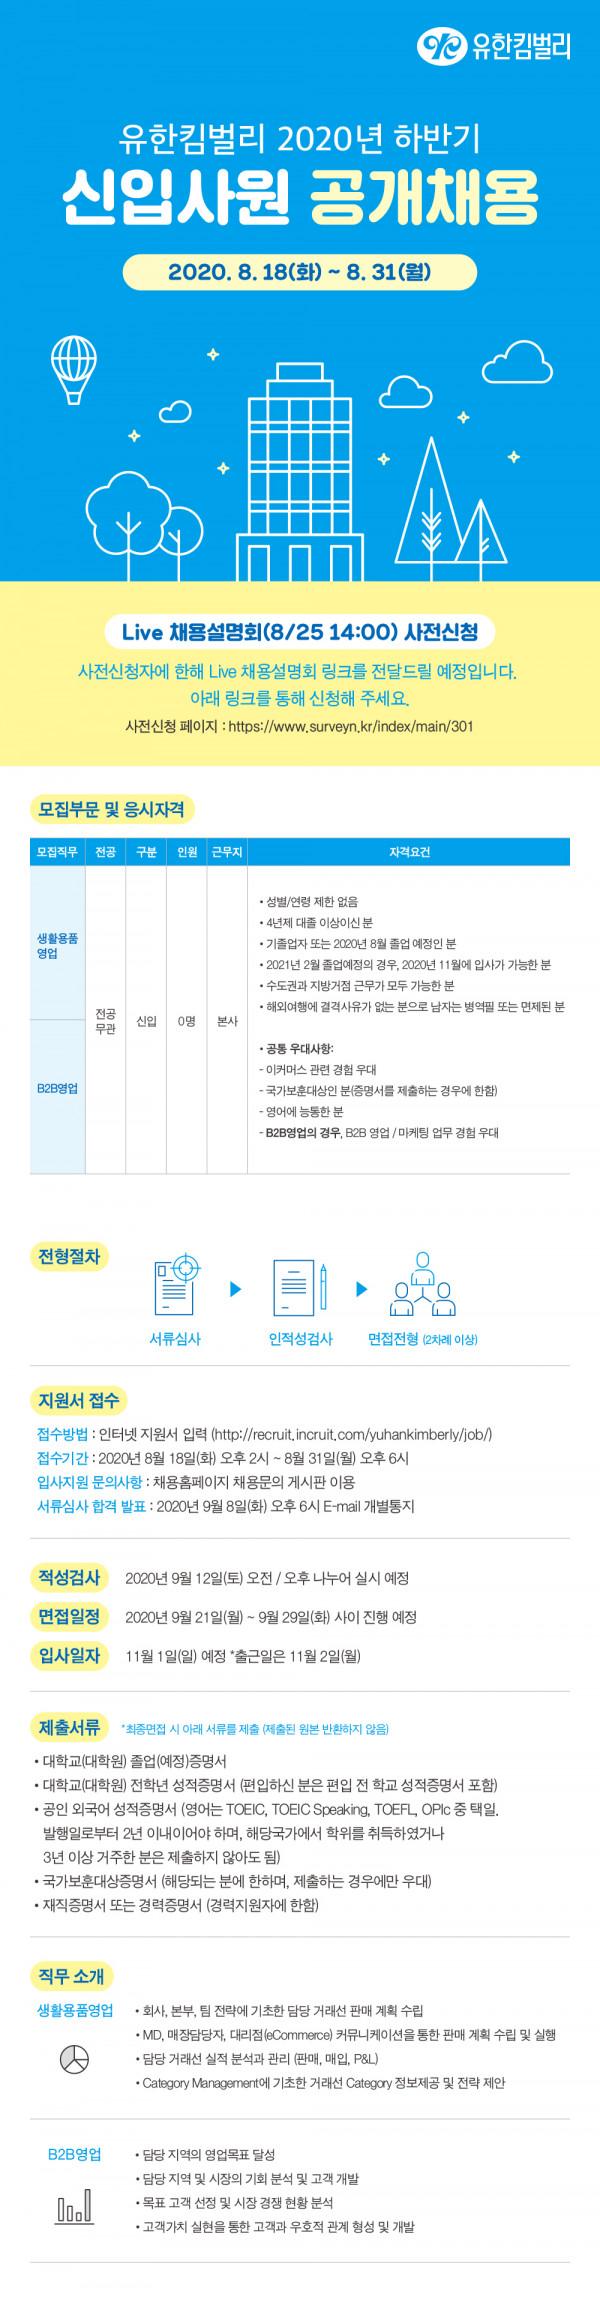 20하_유한킴벌리_신입채용 웹플라이어_최종 V3.jpg